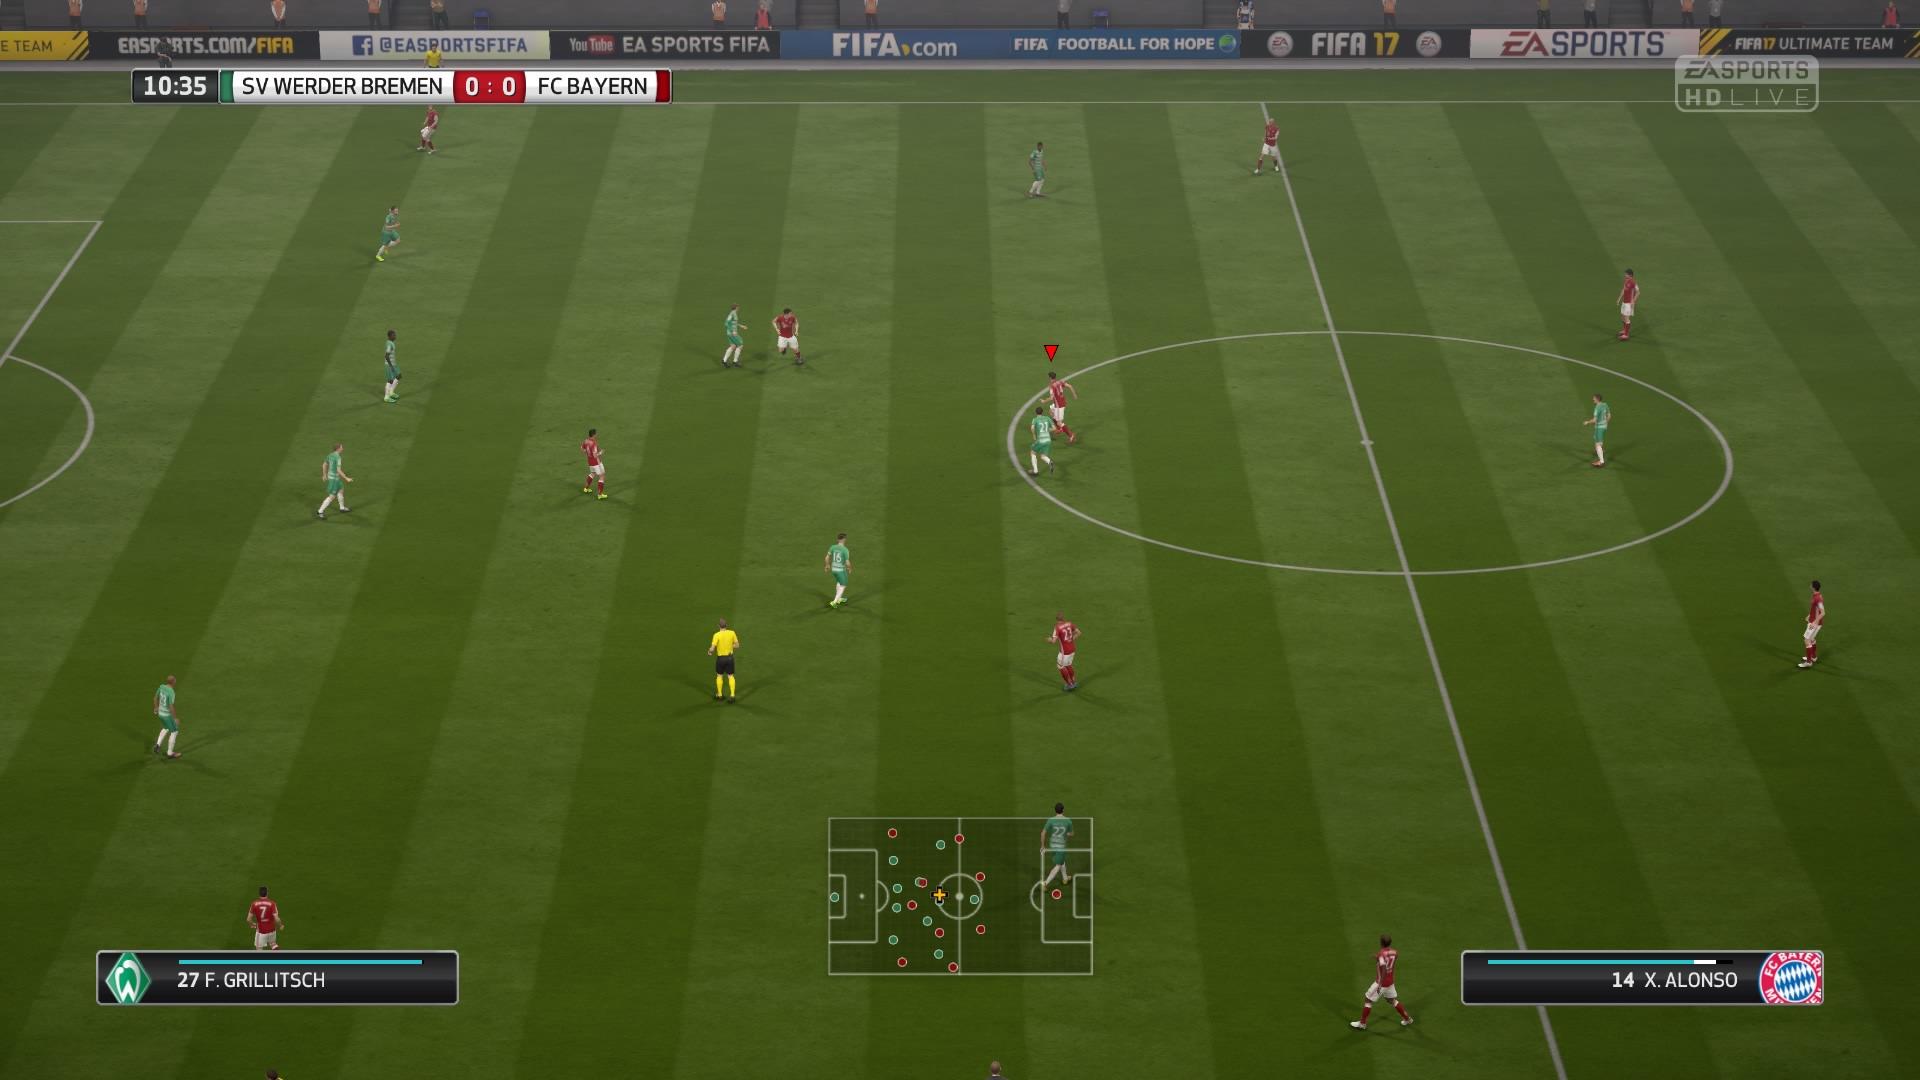 FIFA 18: Die beste Kameraeinstellung in Online-Matches für FUT & Co